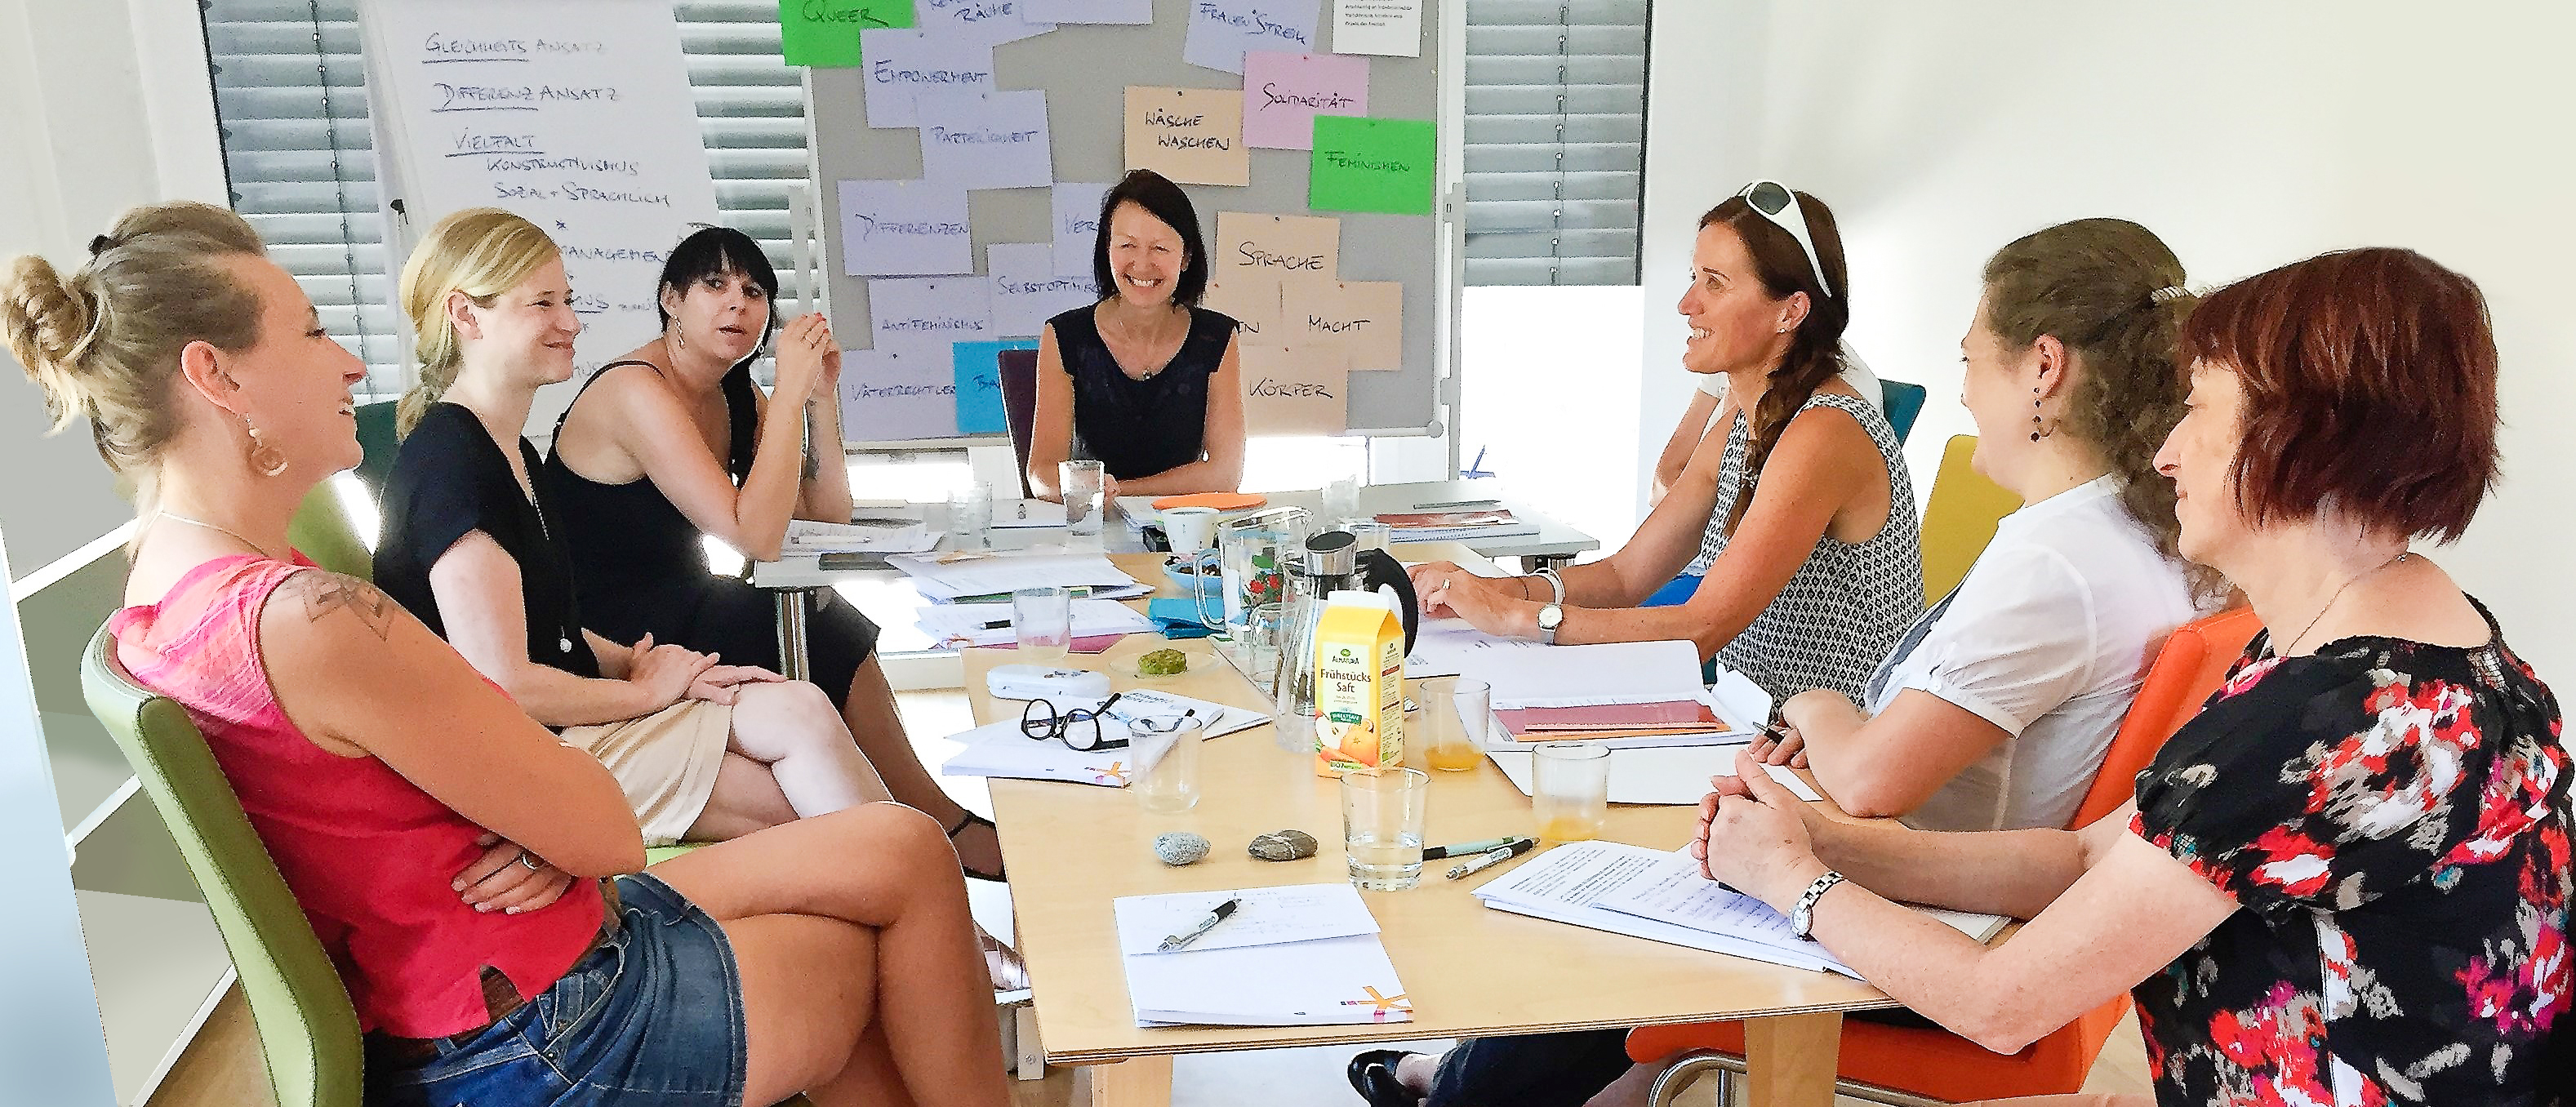 Mag.a Dr.in Bettina Zehetner/Frauen* beraten Frauen* Wien leitete den Workshop mit Beraterinnen von Osttiroler Einrichtungen